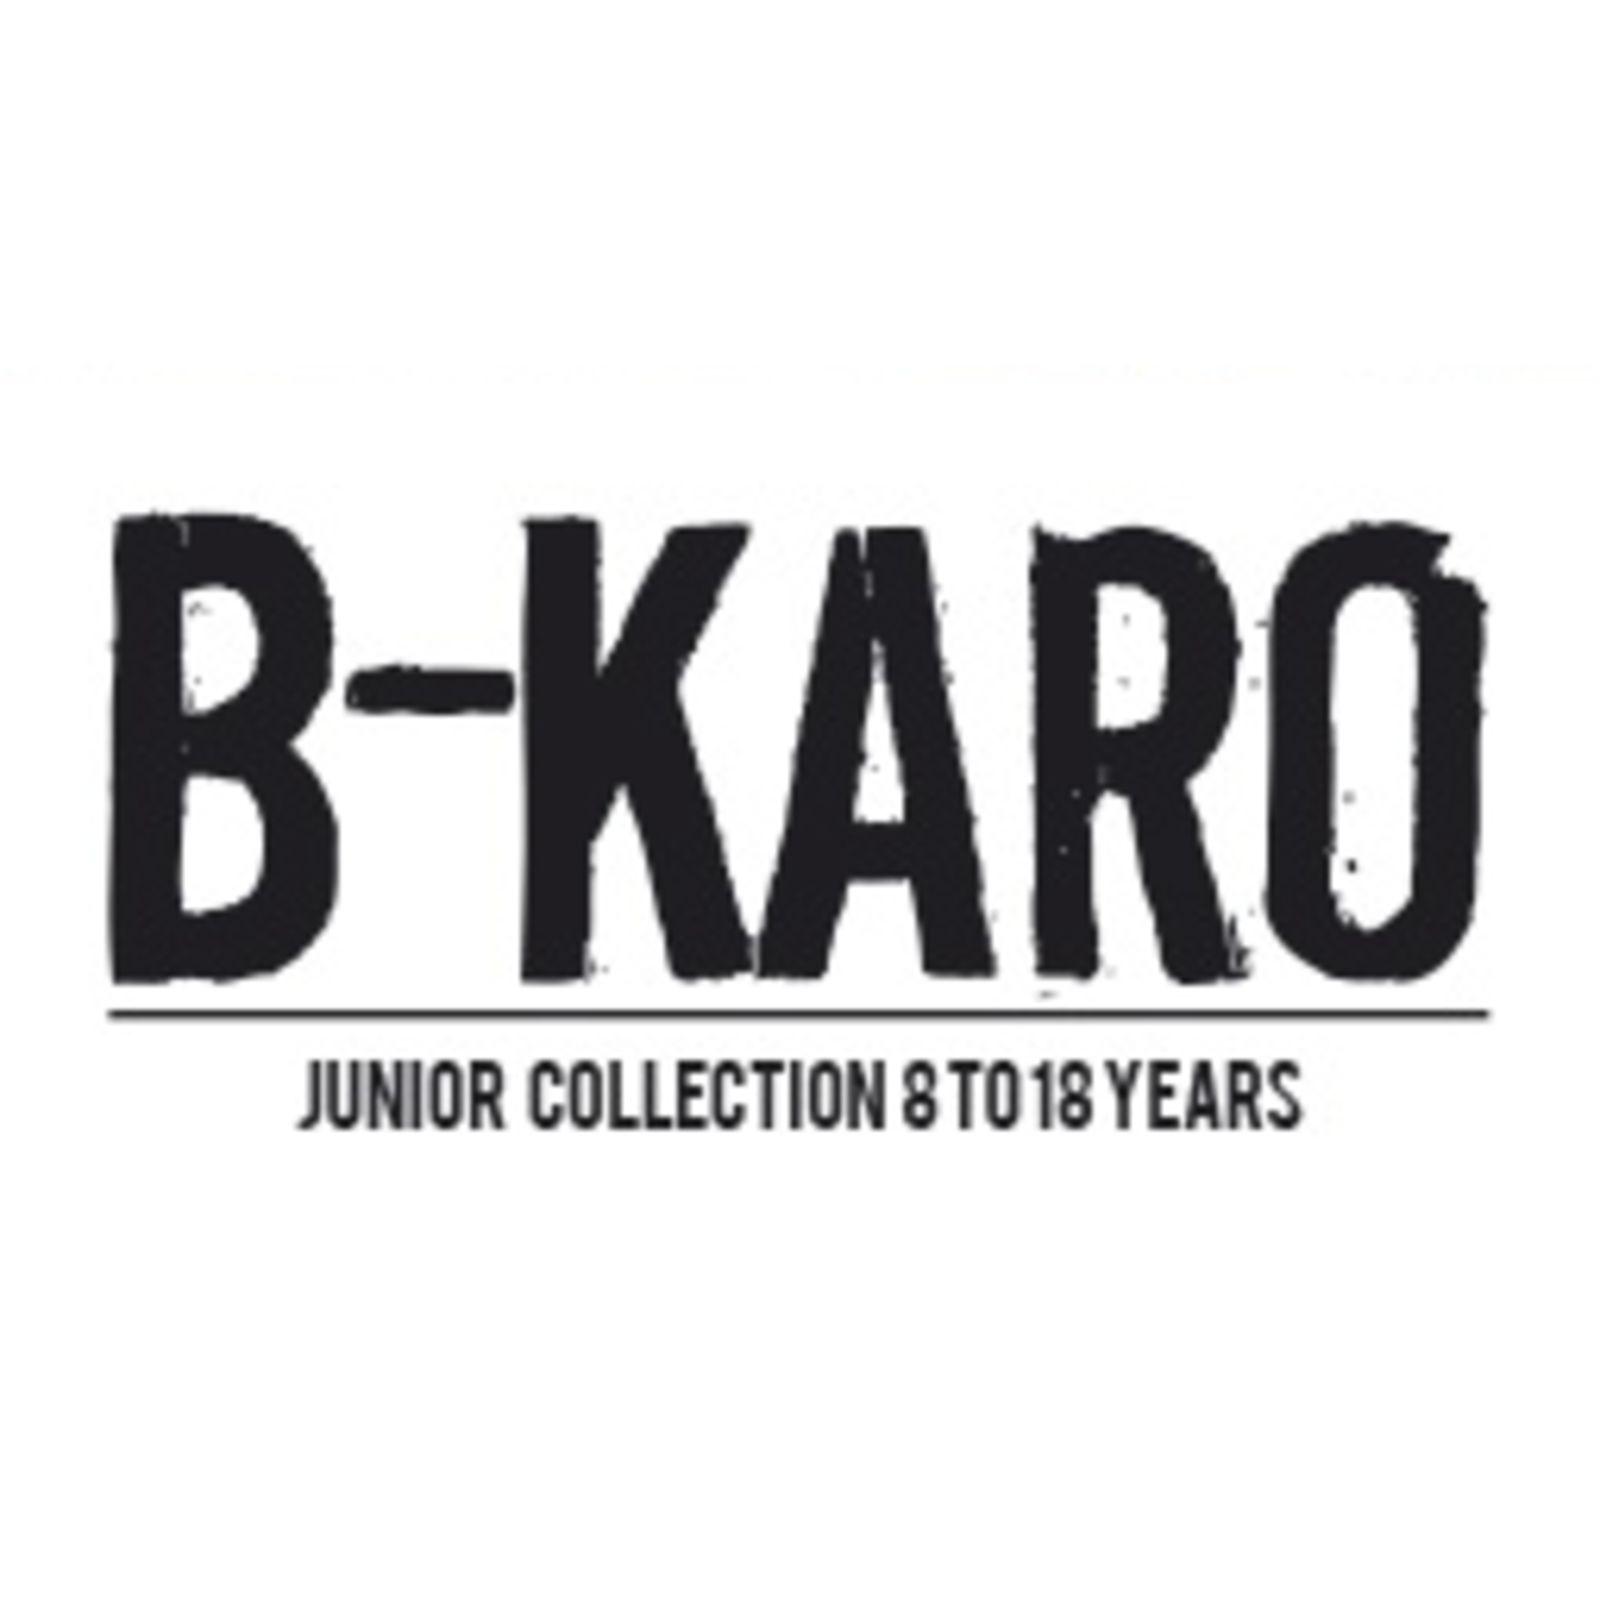 B-KARO